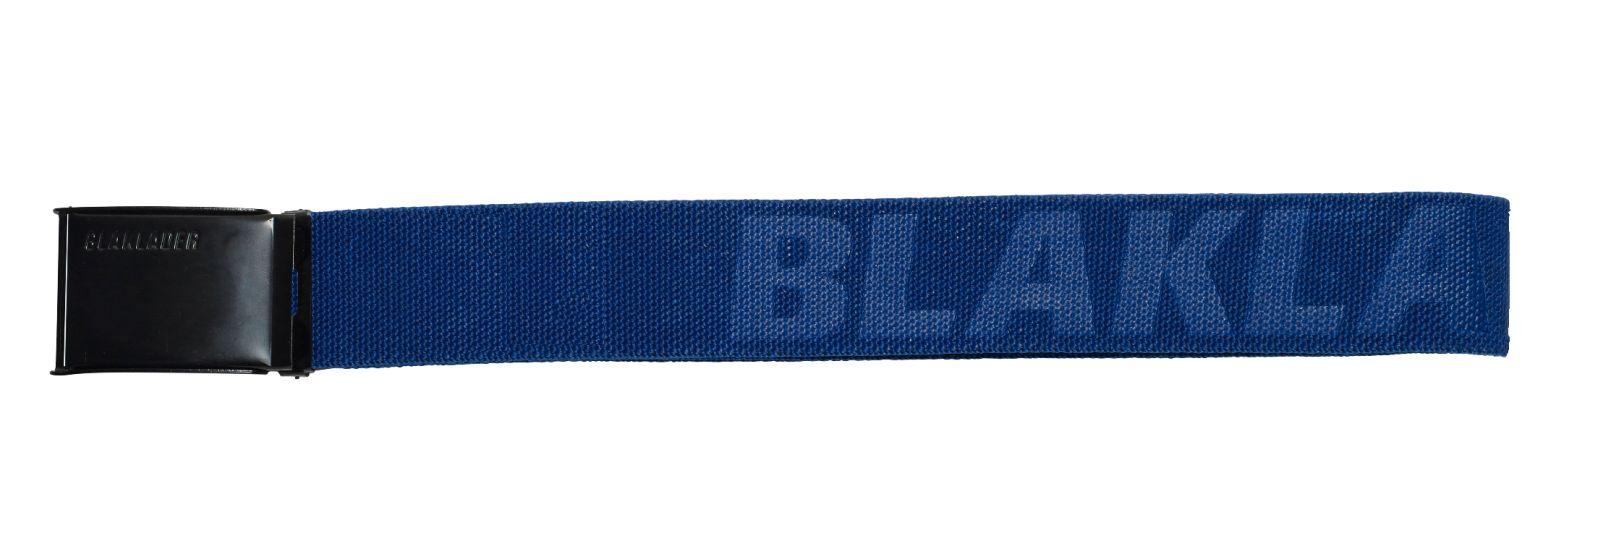 Blaklader Riemen 40340000 korenblauw(8500)